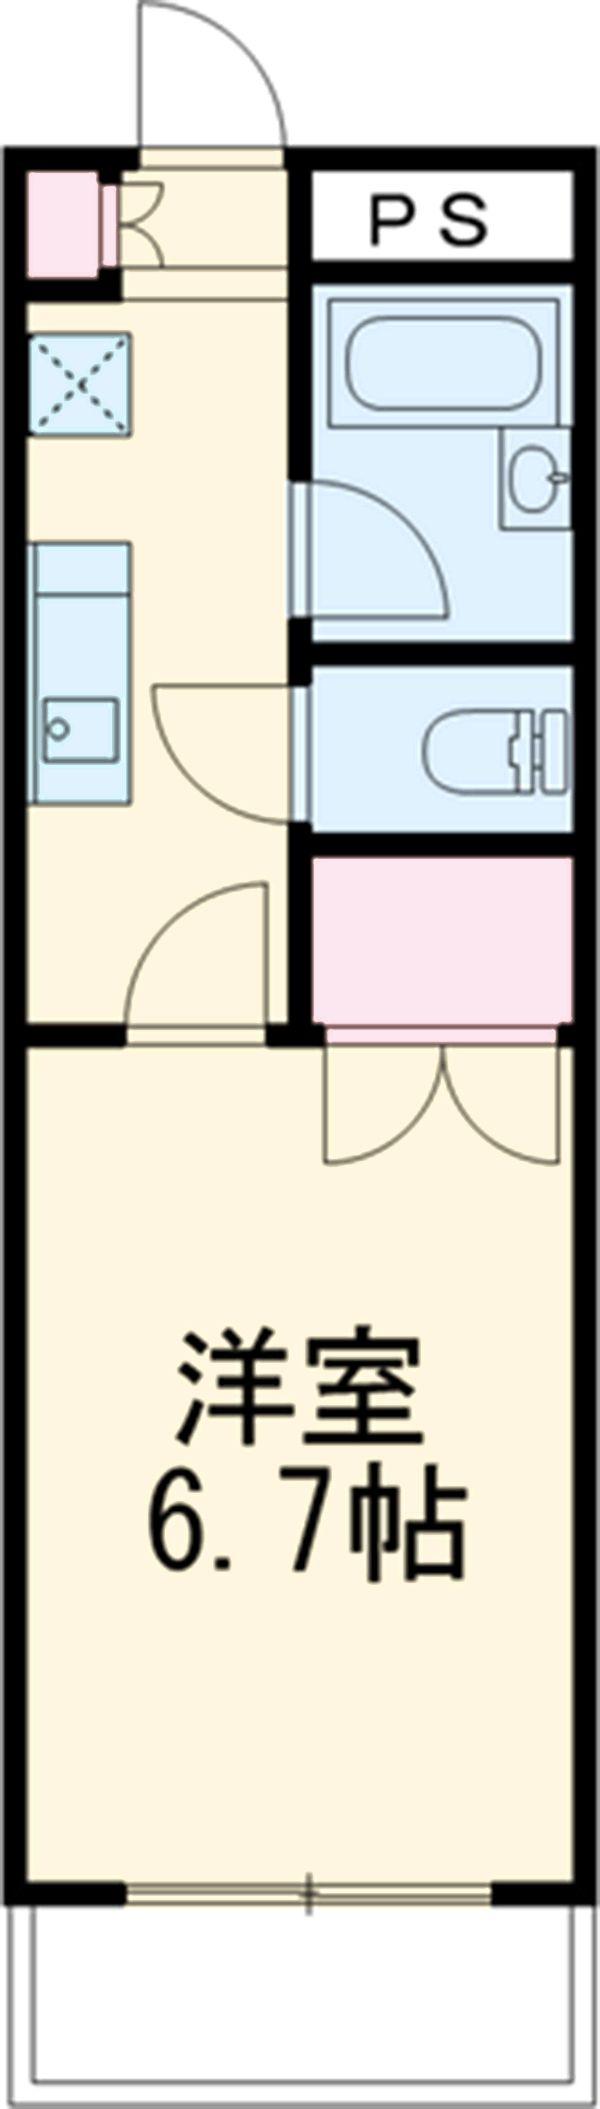 リバーストーン 1-203号室間取り図